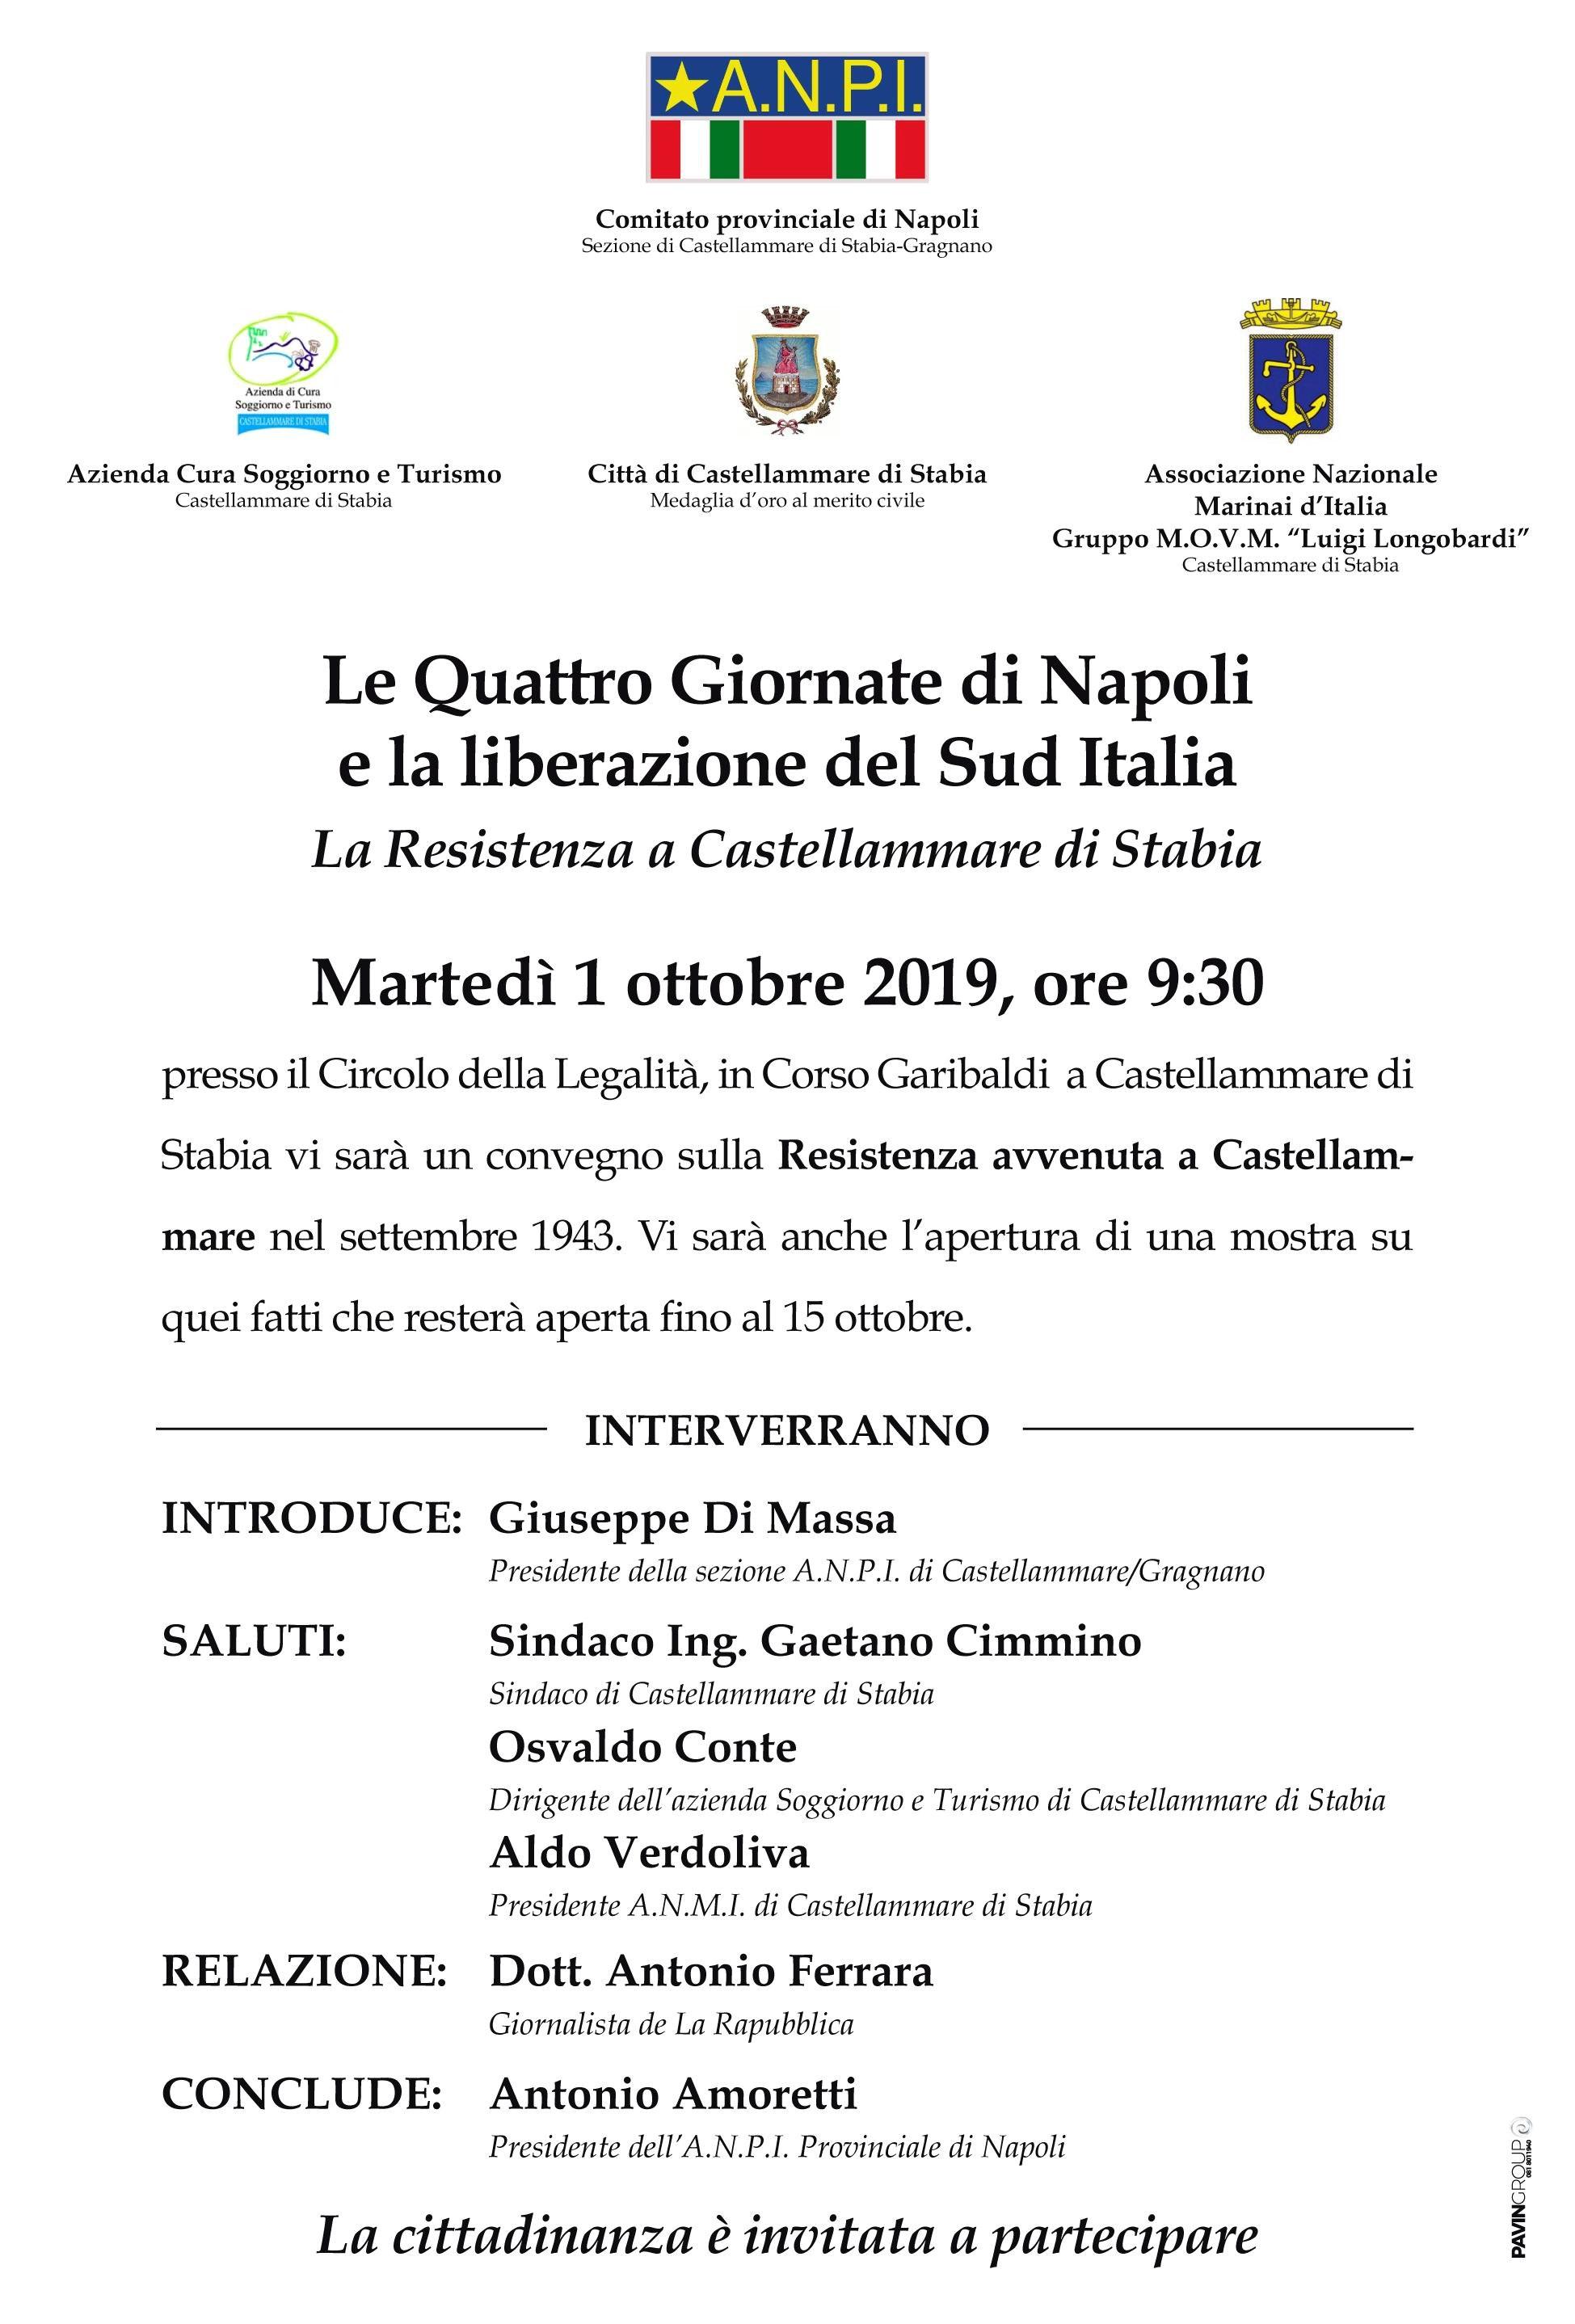 1 OTTOBRE 2019 - ANPI La Resistenza a Castellammare